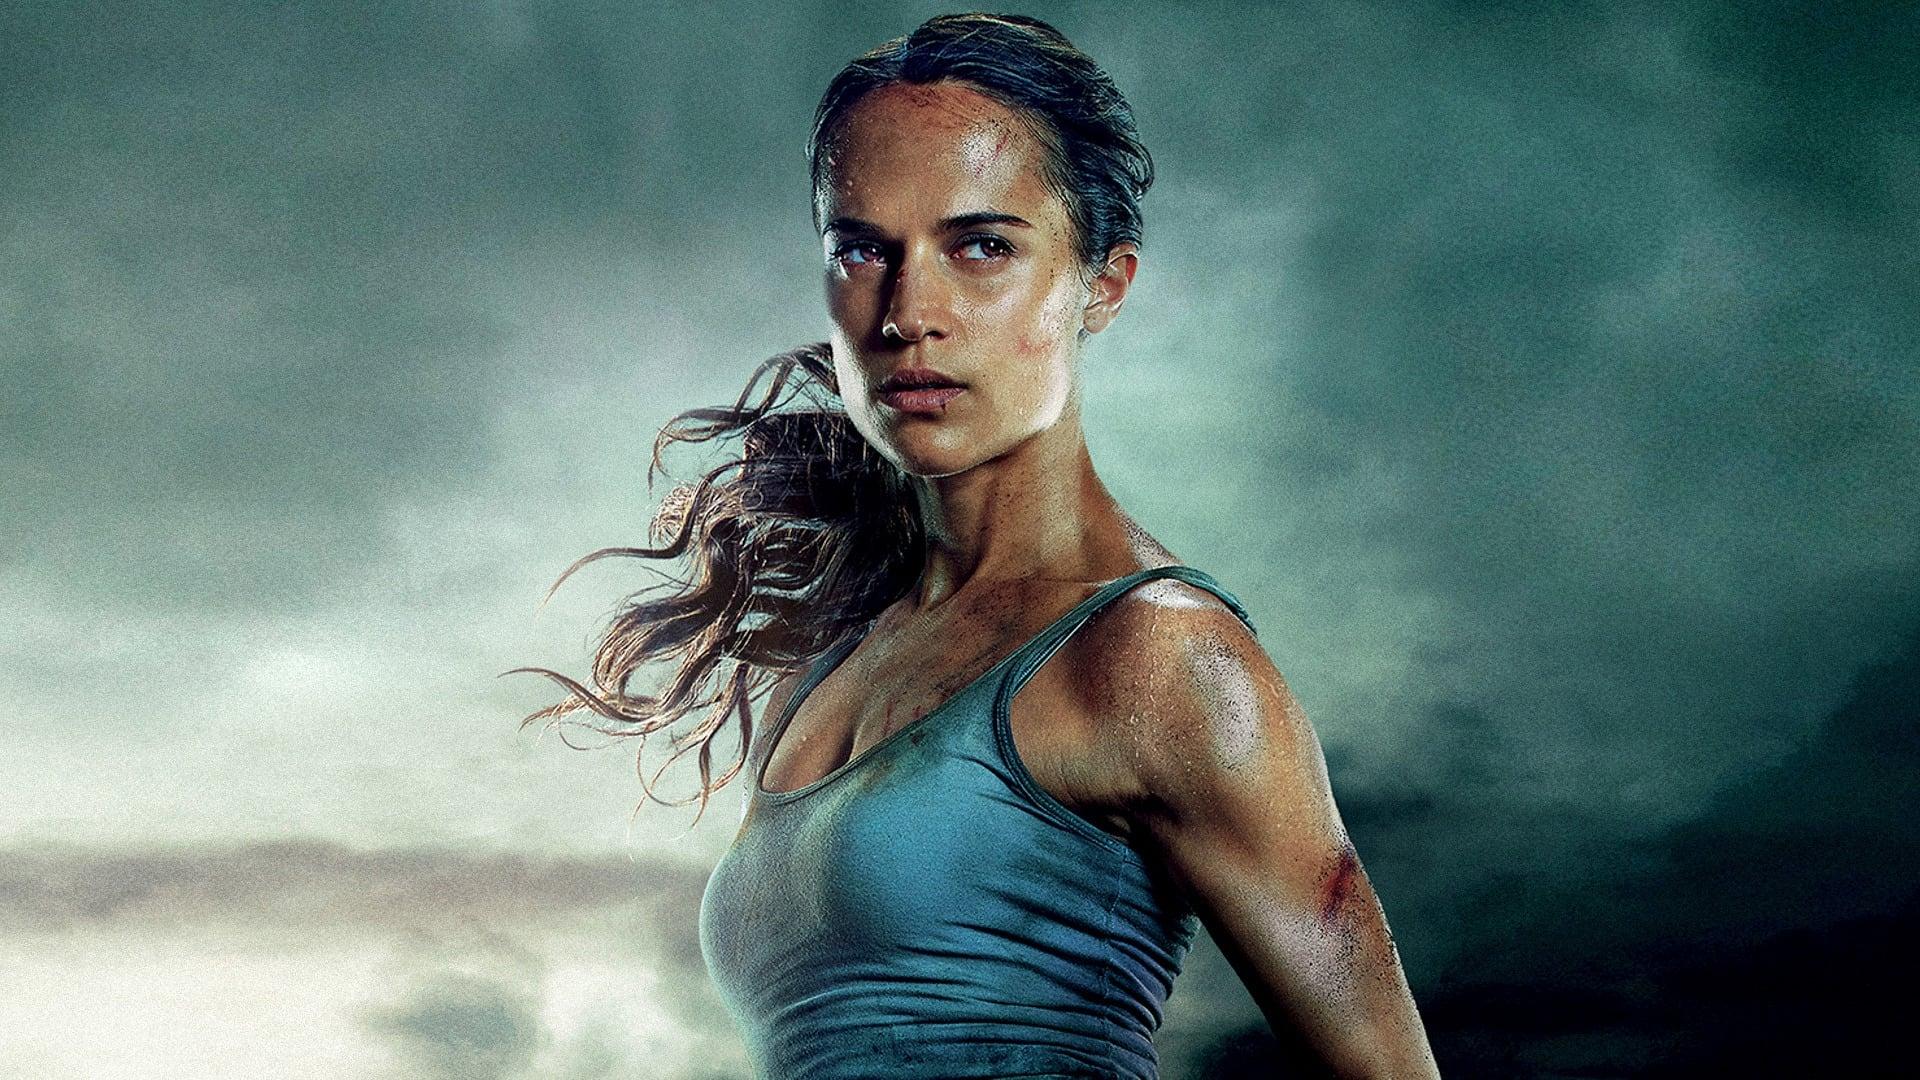 Watch Tomb Raider 2018 Online Full Movie